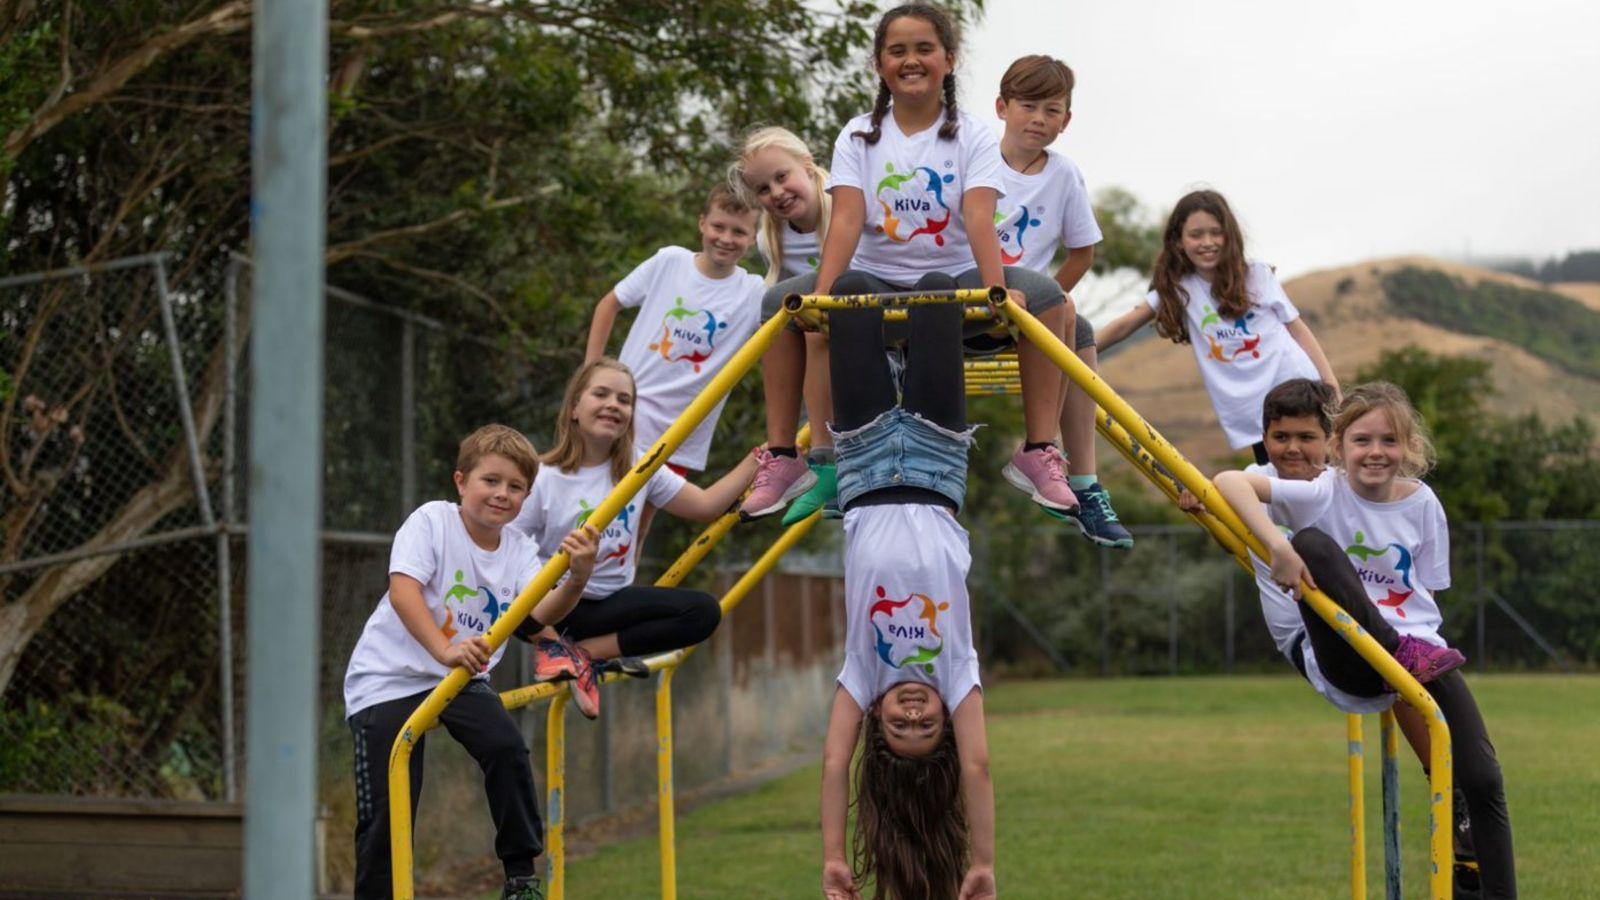 10 children posing on a yellow climbing frame, wearing white KiVa logo printed Tshirts